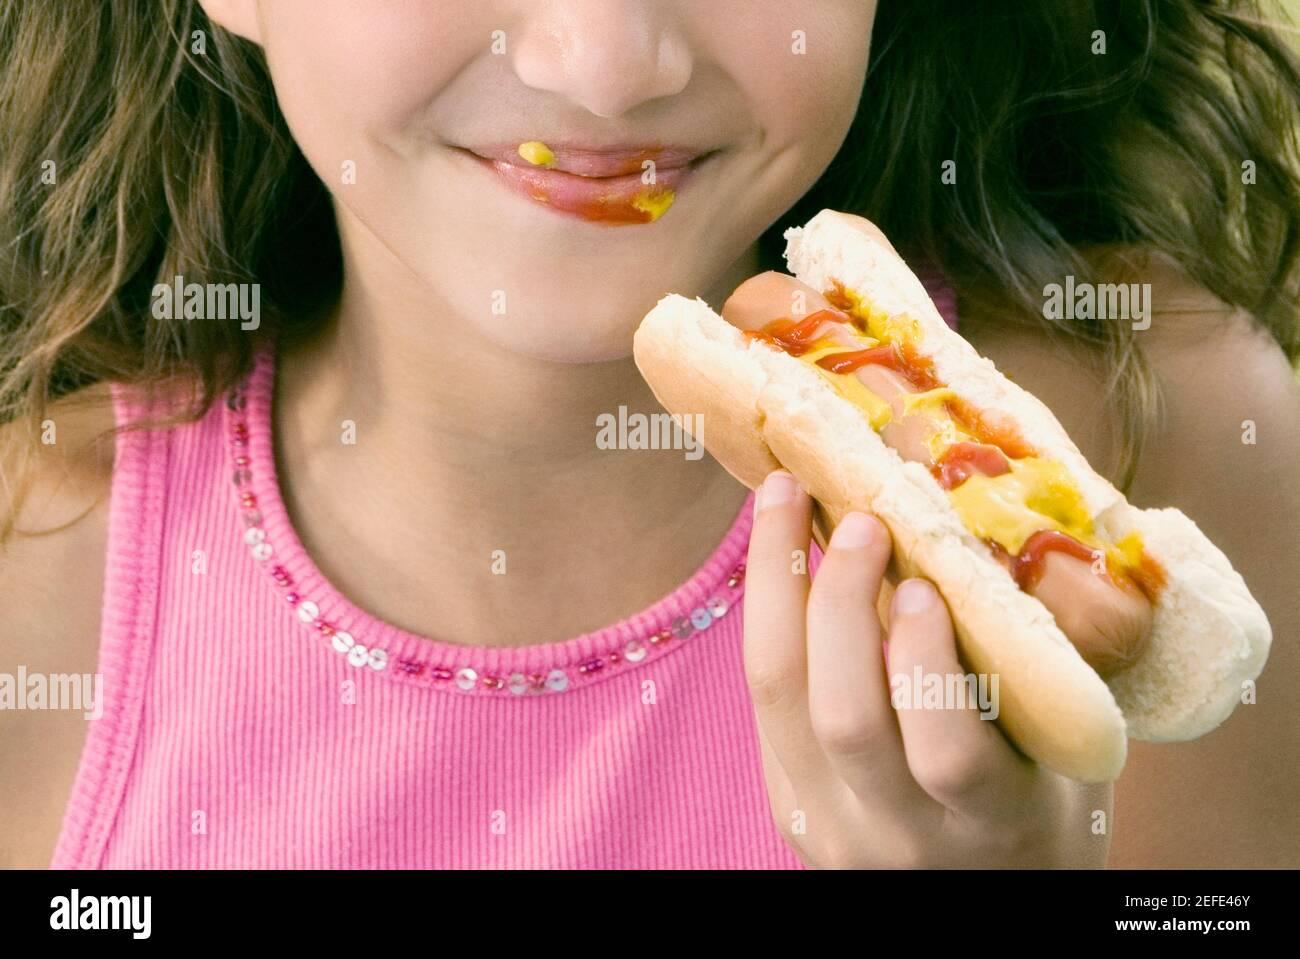 Nahaufnahme eines Mädchens, das einen Hot Dog isst Stockfoto